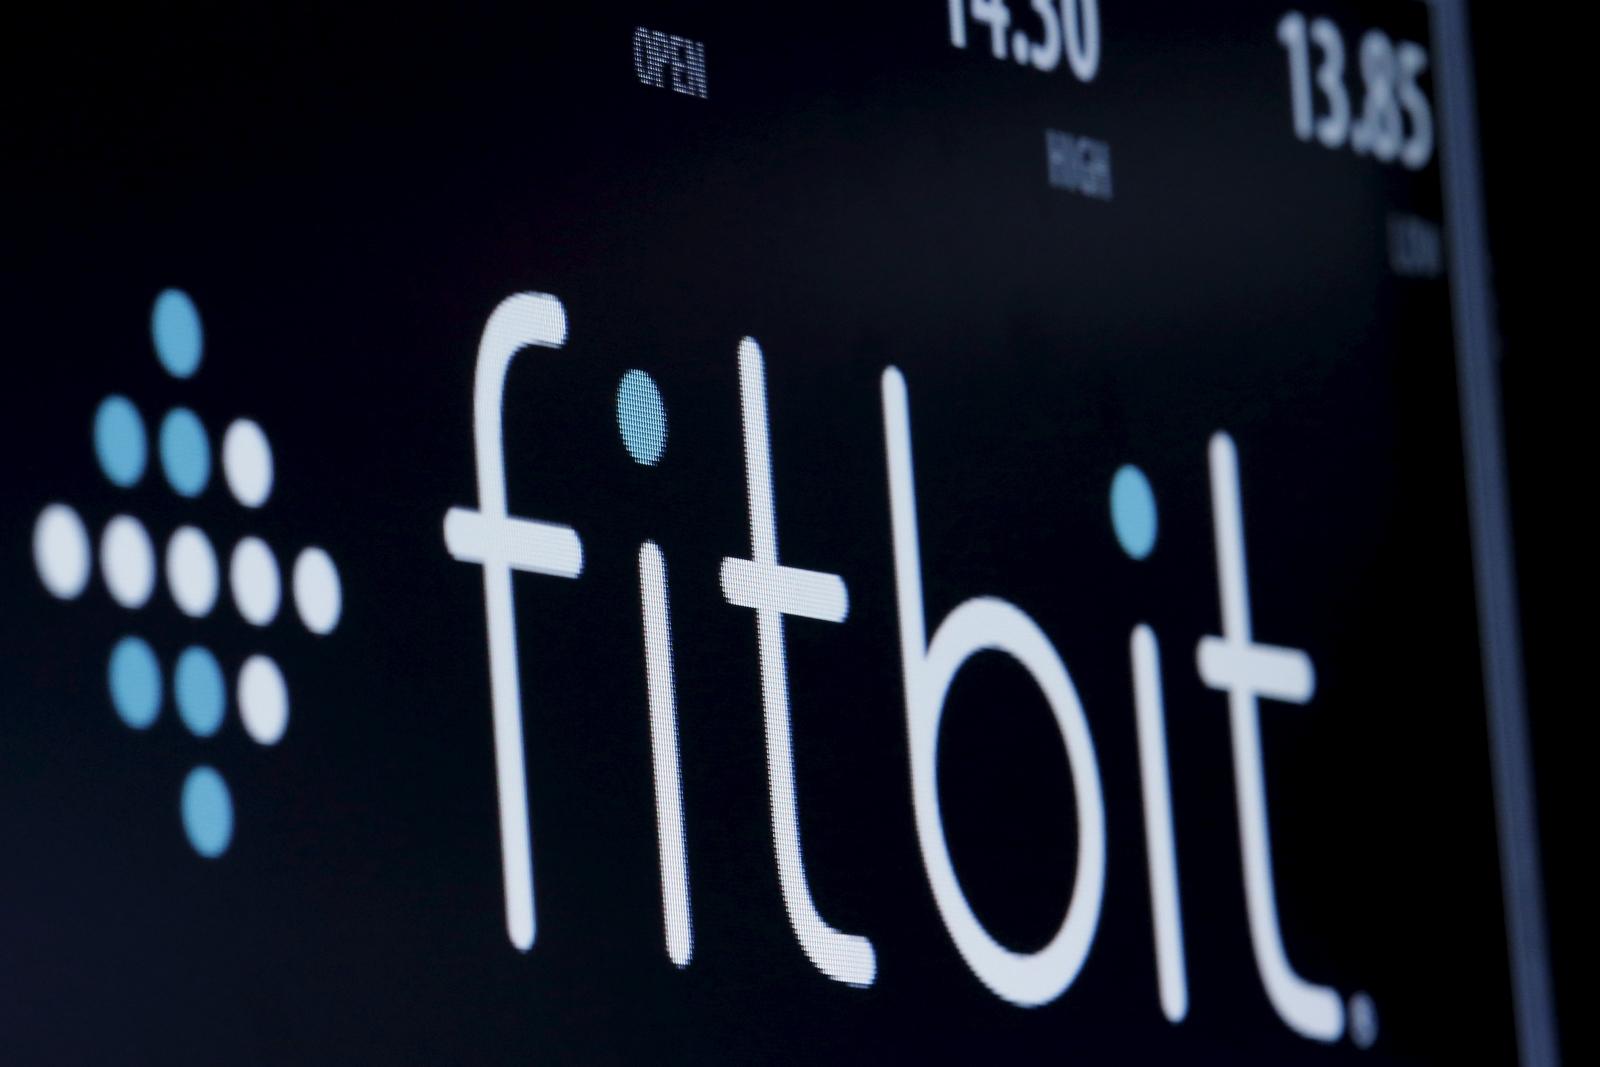 Fitbit job cuts